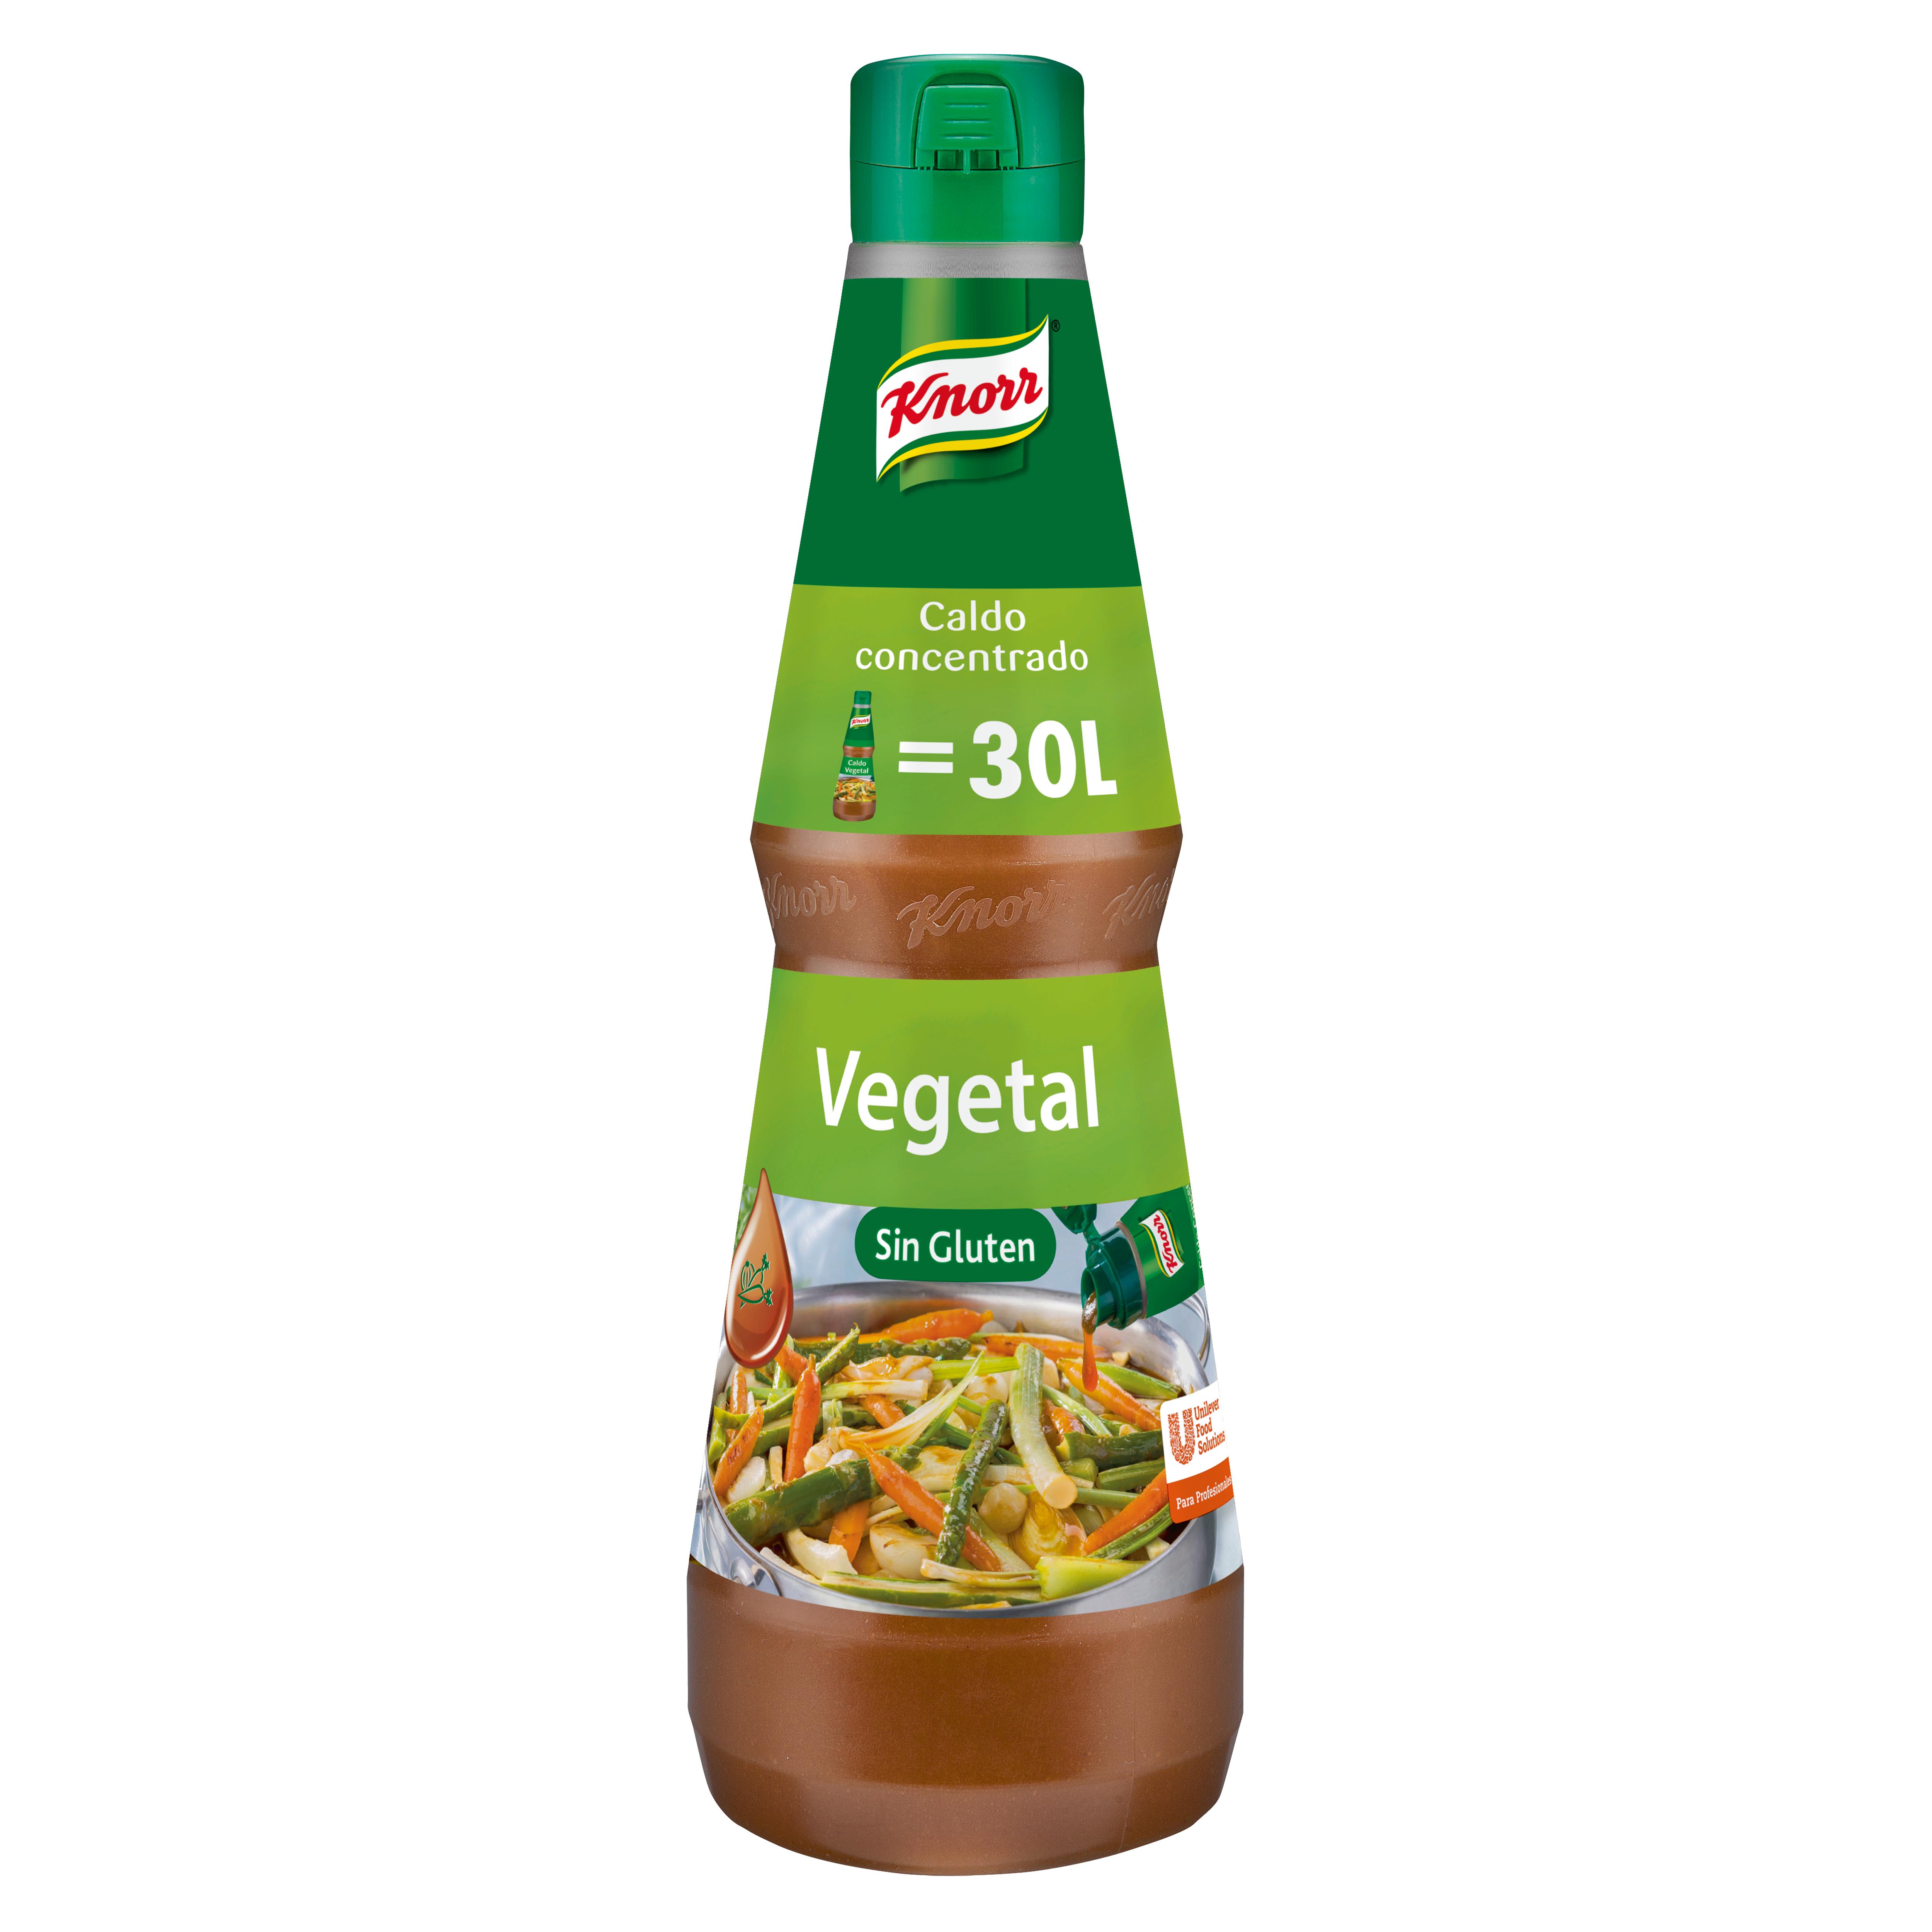 Knorr Caldo líquido concentrado Vegetal Sin Gluten botella 1L